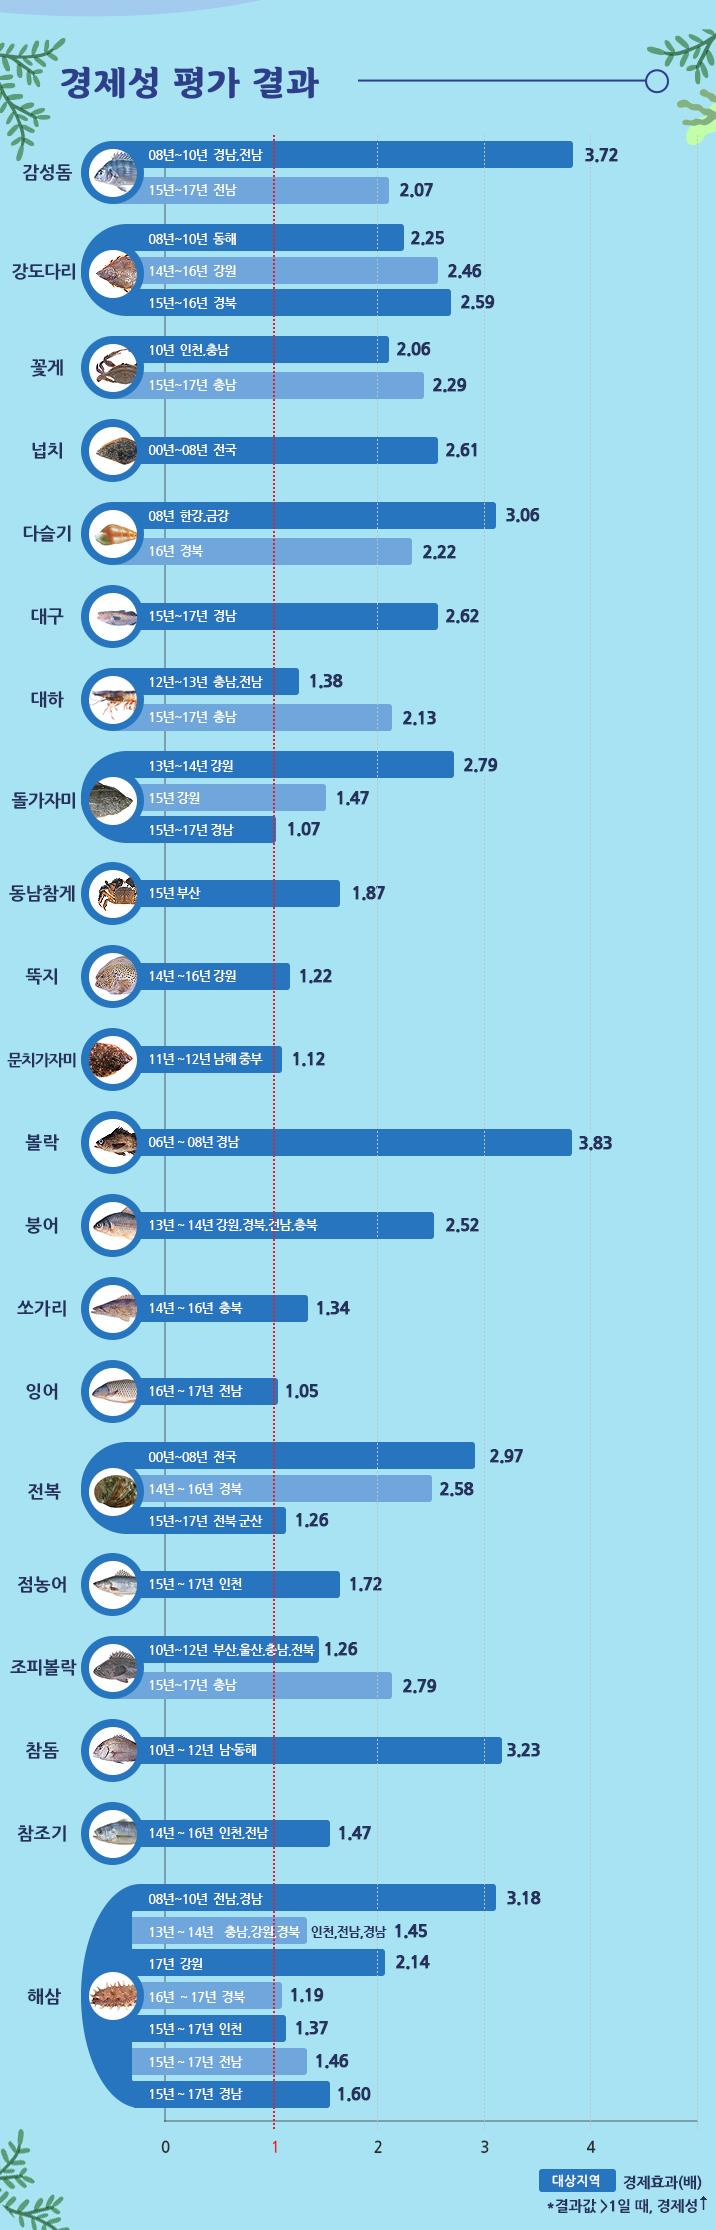 경제성 평가 결과 : 결과값이 1 이상일때, 경제성이 높음 감성돔 : 2008년~2010년 경남, 전남 → 3.72, 2015년~2017년 전남 → 2.07 강도다리 : 2008년~2010년 동해 → 2.25, 2014년~2016년 강원 → 2.46, 2015년~2016년 경북 → 2.59 꽃게 : 2010년 인천, 충남 → 2.06, 2015년~2017년 충남 → 2.29 넙치 : 2000년~2008년 전국 → 2.61 다슬기 : 2008년 한강, 금강 → 3.06, 2016년 경북 →2.22 대구 : 2015년~2017년 경남 → 2.62 대하 : 2012년~2013년 충남, 전남 → 1.38, 2015년~2017년, 충남 → 2.13 돌가자미 : 2013년~2014년 강원 →2.79, 2015년 강원 →1.47, 2015년~2017년 경남 →1.07 동남참게 : 2015년 부산 →1.87 뚝지 : 2014년~2016년 강원 → 1.22 문치가자미 : 2011년~2012년 남해 중부 → 1.12 볼락 : 2006년~2008년 경남 → 3.83 붕어 : 2013년~2014년 강원, 경북, 전남, 충북 → 2.52 쏘가리 : 2014년~2016년 충북 → 1.34 잉어 : 2016년~2017년 전남 → 1.05 전복 : 2000년~2008년 전국 → 2.97, 2014년~2016년 경북 → 2.58, 2015년~2017년 전북 군산 → 1.26 점농어 : 2015년~2017년 인천 → 1.72 조피볼락 : 2010년~2012년 부산, 울산, 충남, 전북 → 1.26, 2015년~2017년 충남 → 2.79 참돔 : 2010년~2012년 남동해 → 3.23 참조기 : 2014년~2016년 인천, 전남 → 1.47 해삼 : 2008년~2010년 전남, 경남 → 3.18, 2013년~2014년 충남, 강원, 경북, 인천, 전남, 경남 → 1.45, 2017년 강원 → 2.14, 2016년~2017년 경북 → 1.19, 2015년~2017년 인천 → 1.37, 2015년~2017년 전남 → 1.46, 2015년~2017년 경남 → 1.60